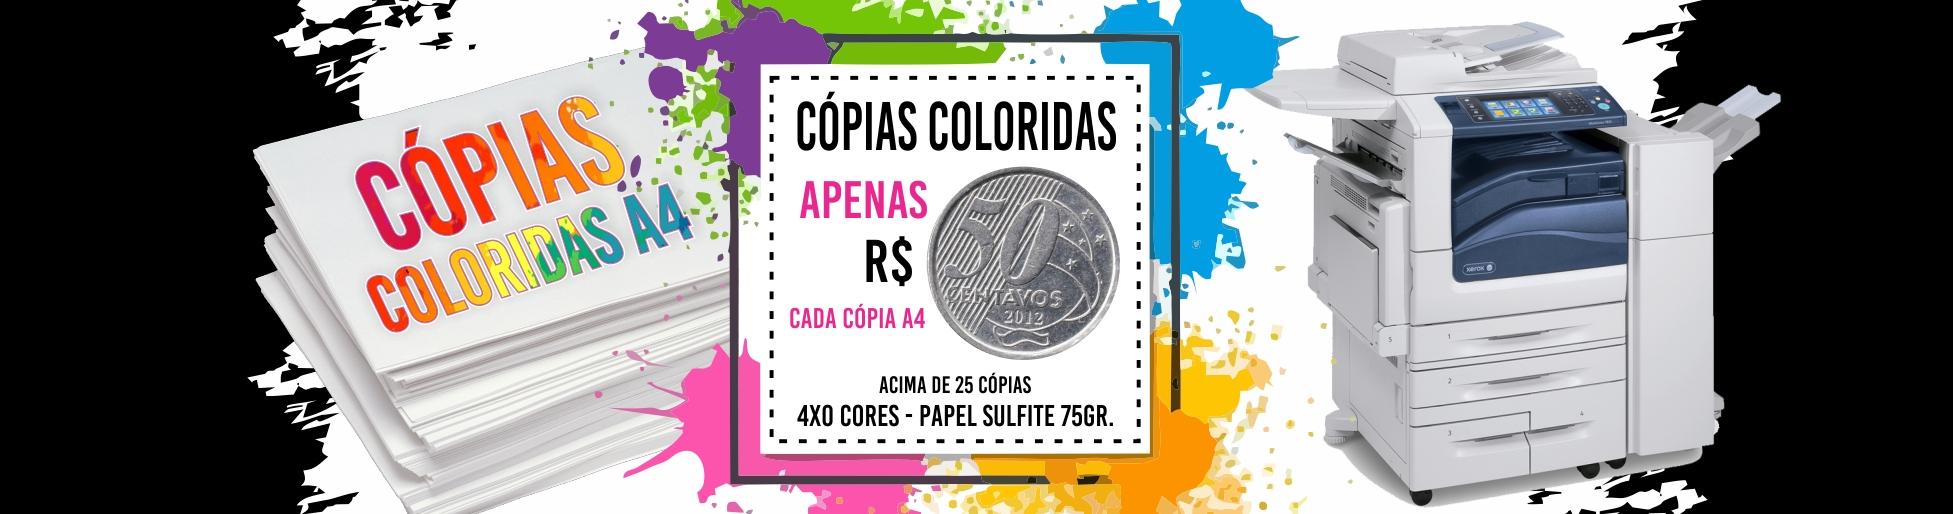 COPIAS COLORIDAS